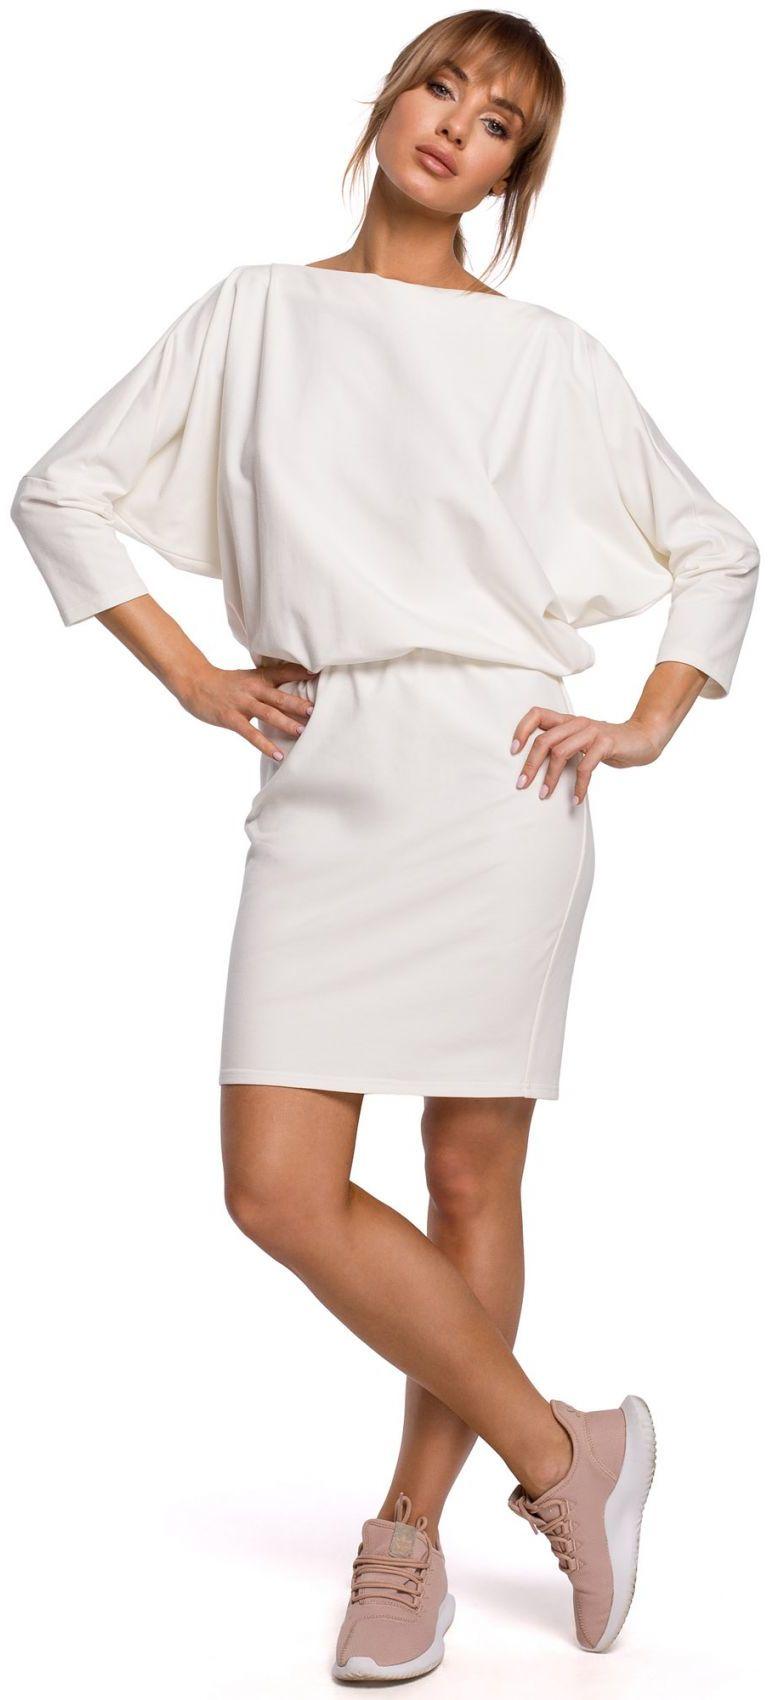 M495 Sukienka mini z lampasem do regulacji z tyłu - ecru